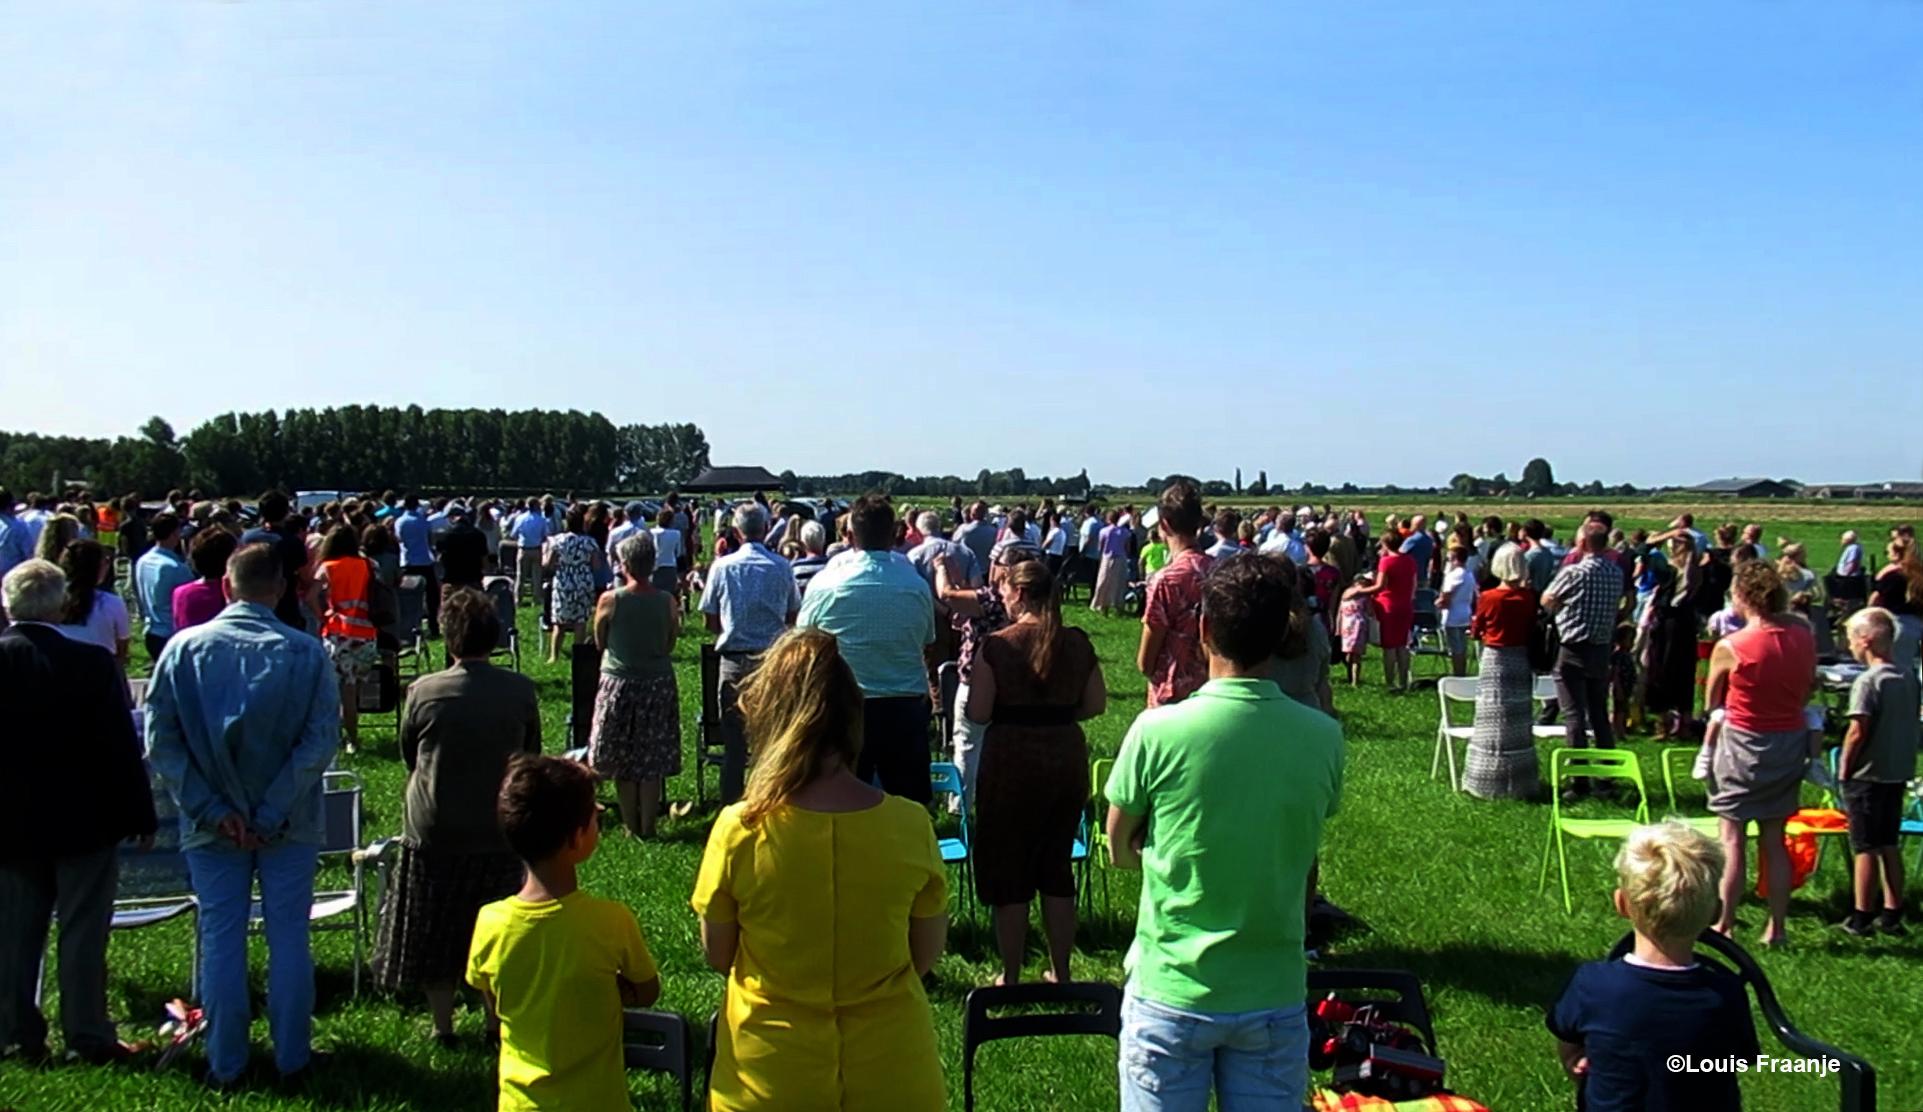 Tot slot werd nog het 25 jarig bruidspaar Blokhuis toegezongen door de bezoekers van de kerkdienst - Foto: ©Louis Fraanje